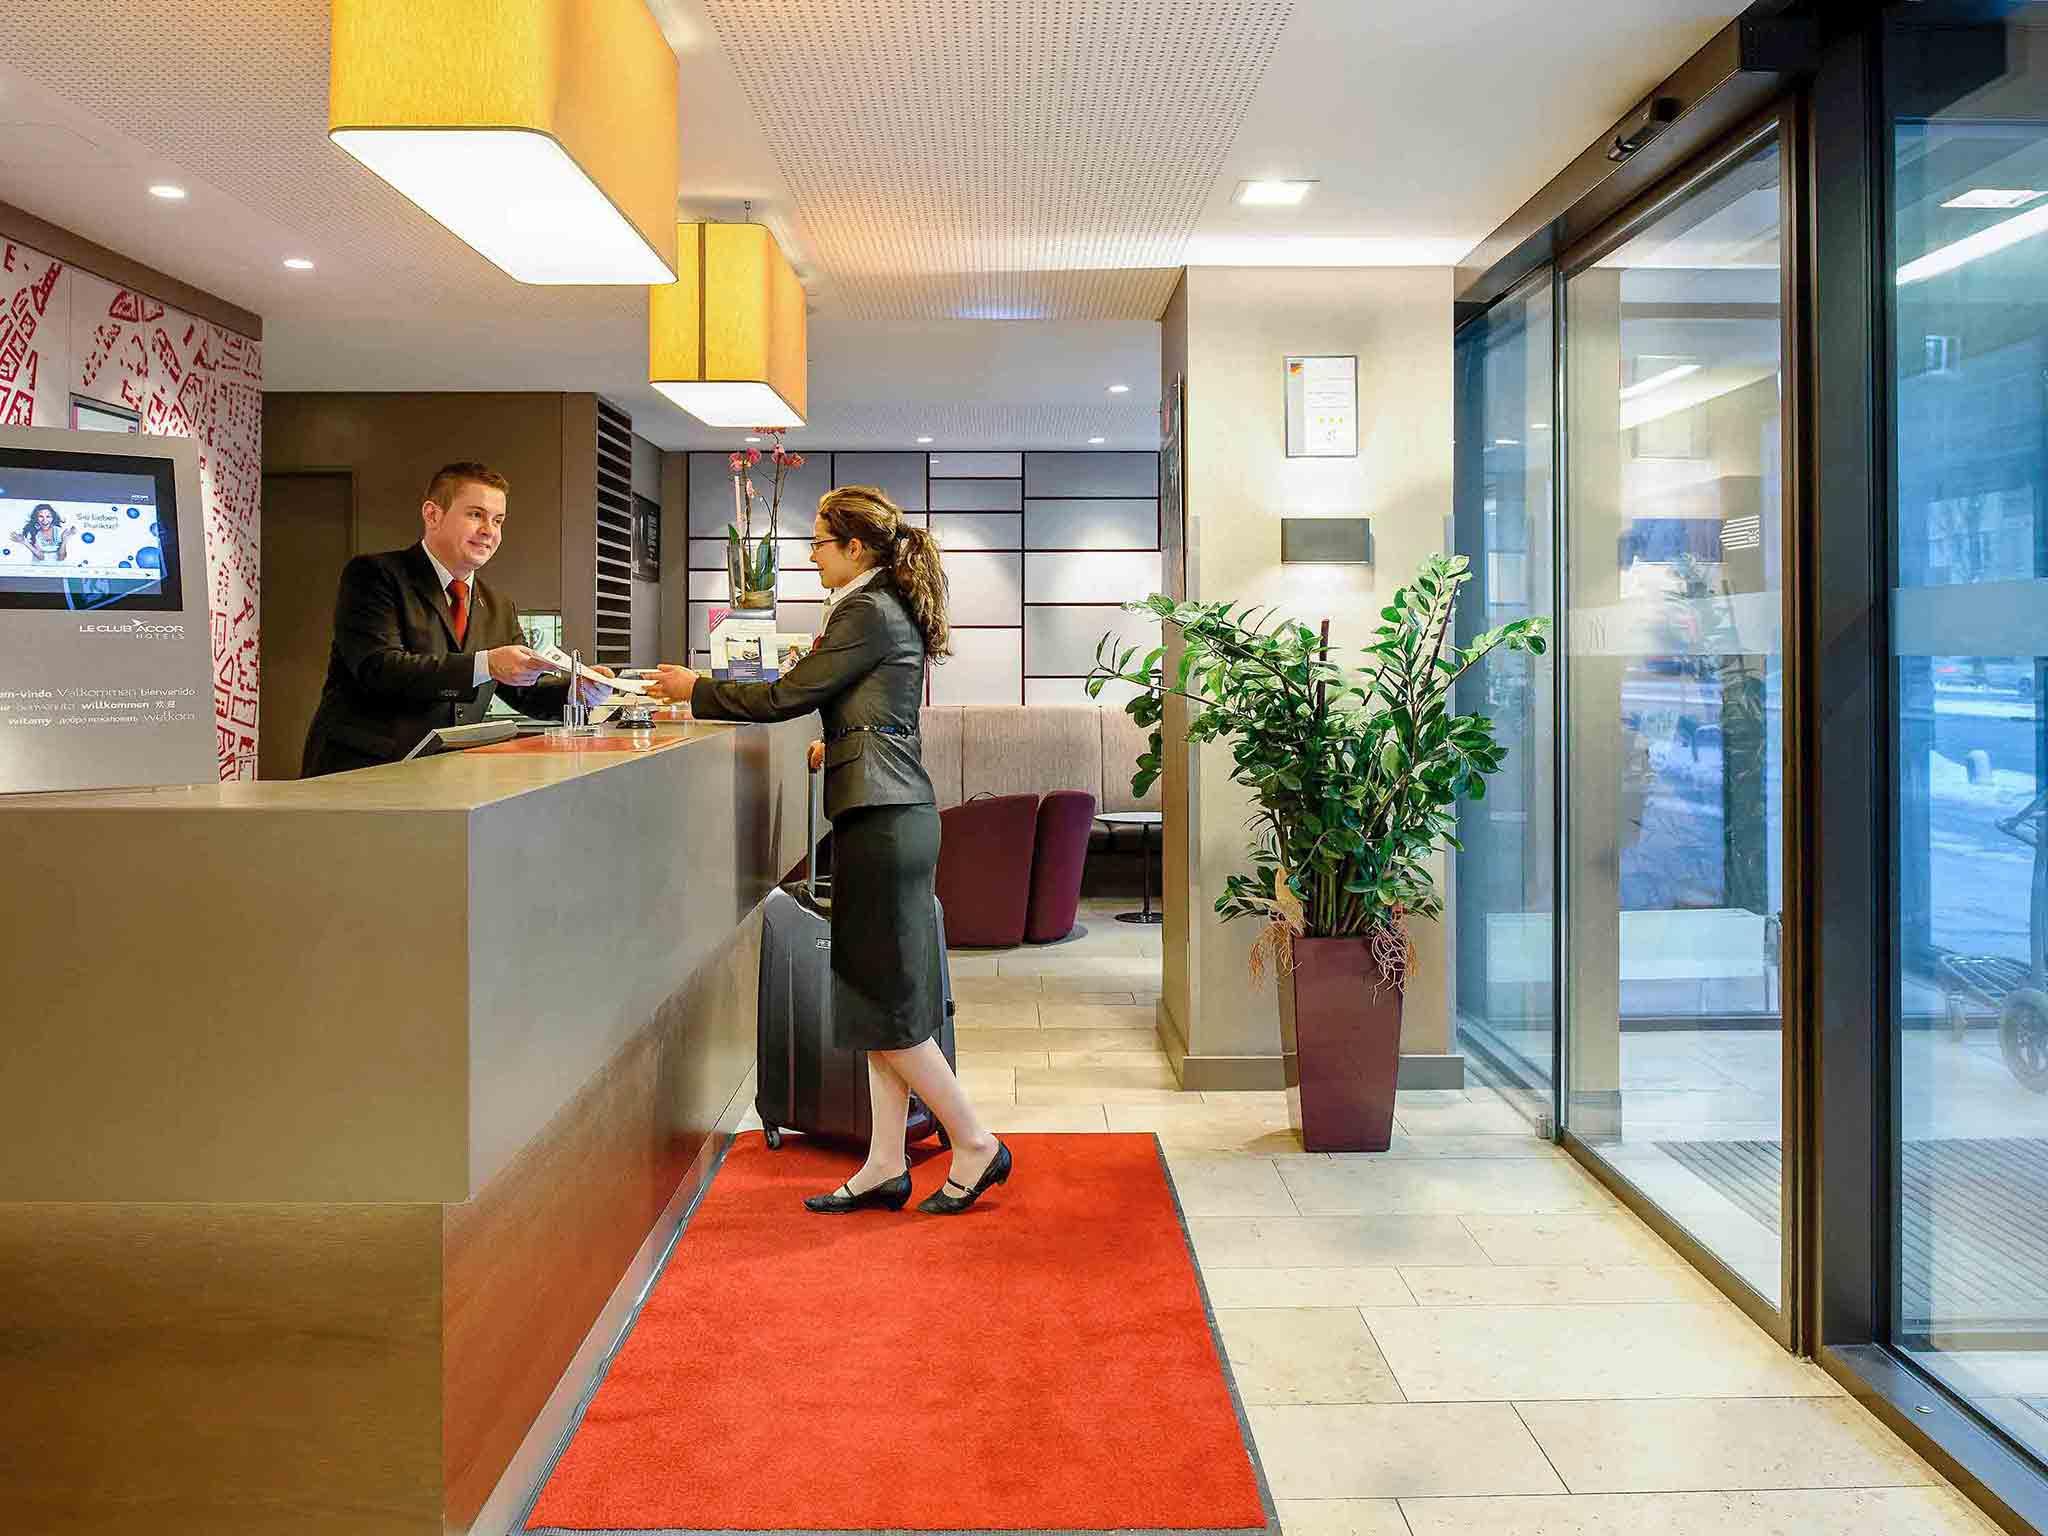 Hotel Mercure Munich Schwabing